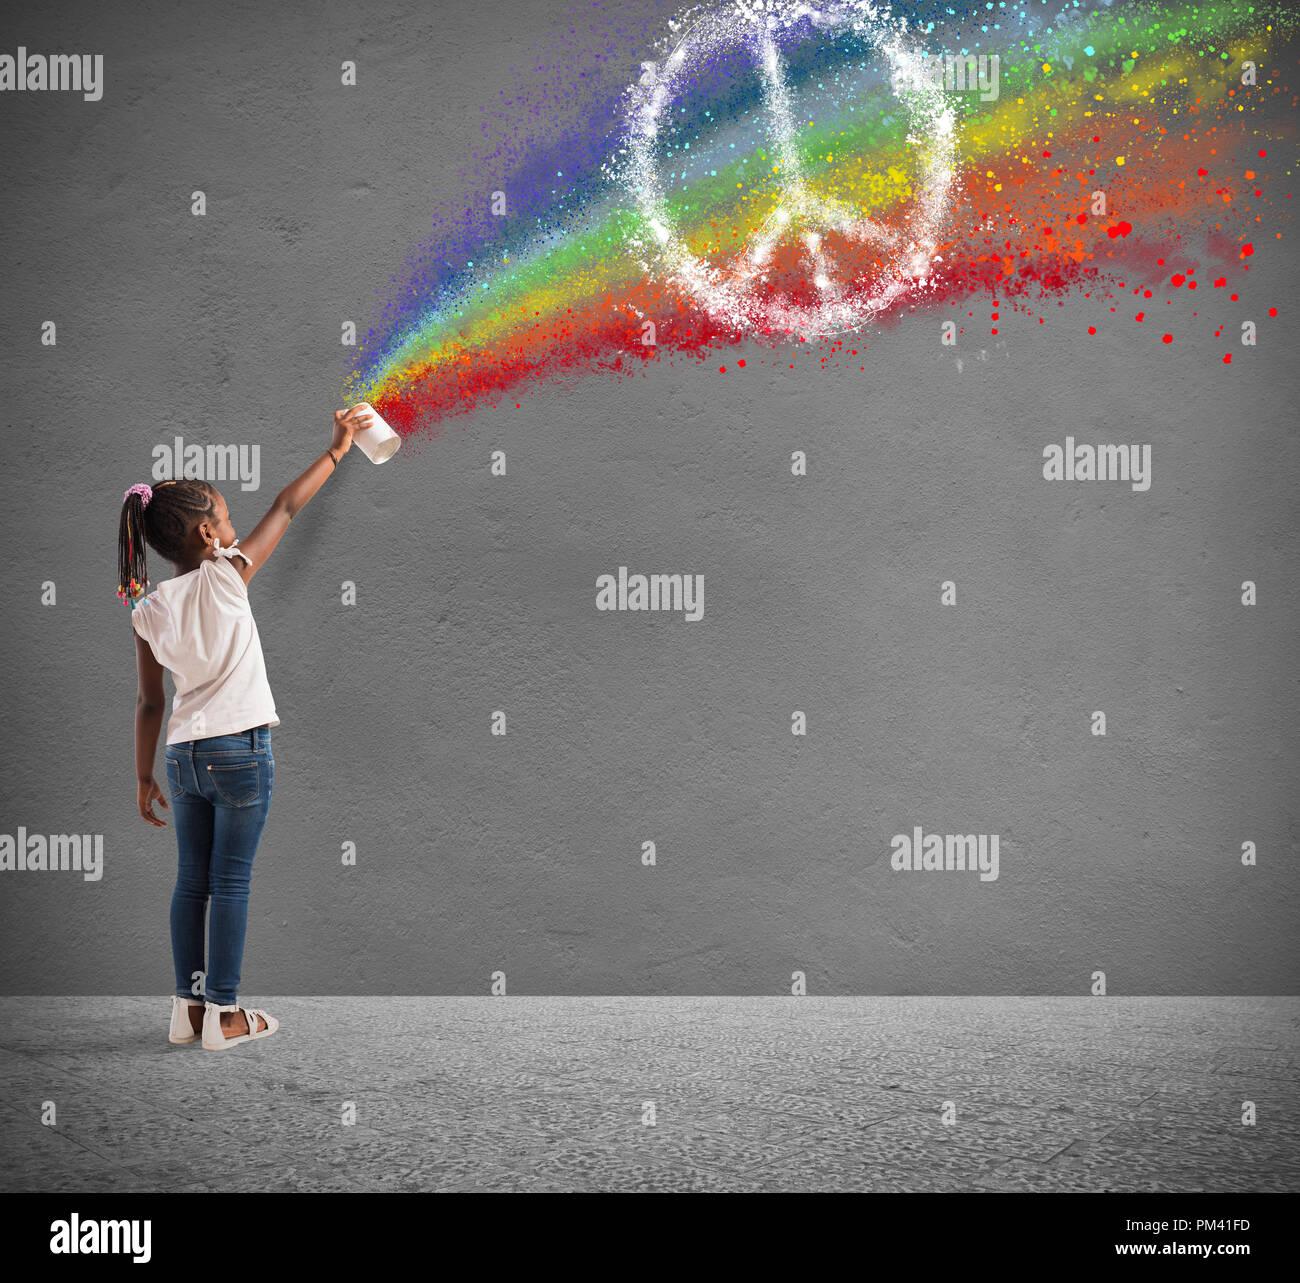 Niño dibuja con spray el color de la paz Imagen De Stock